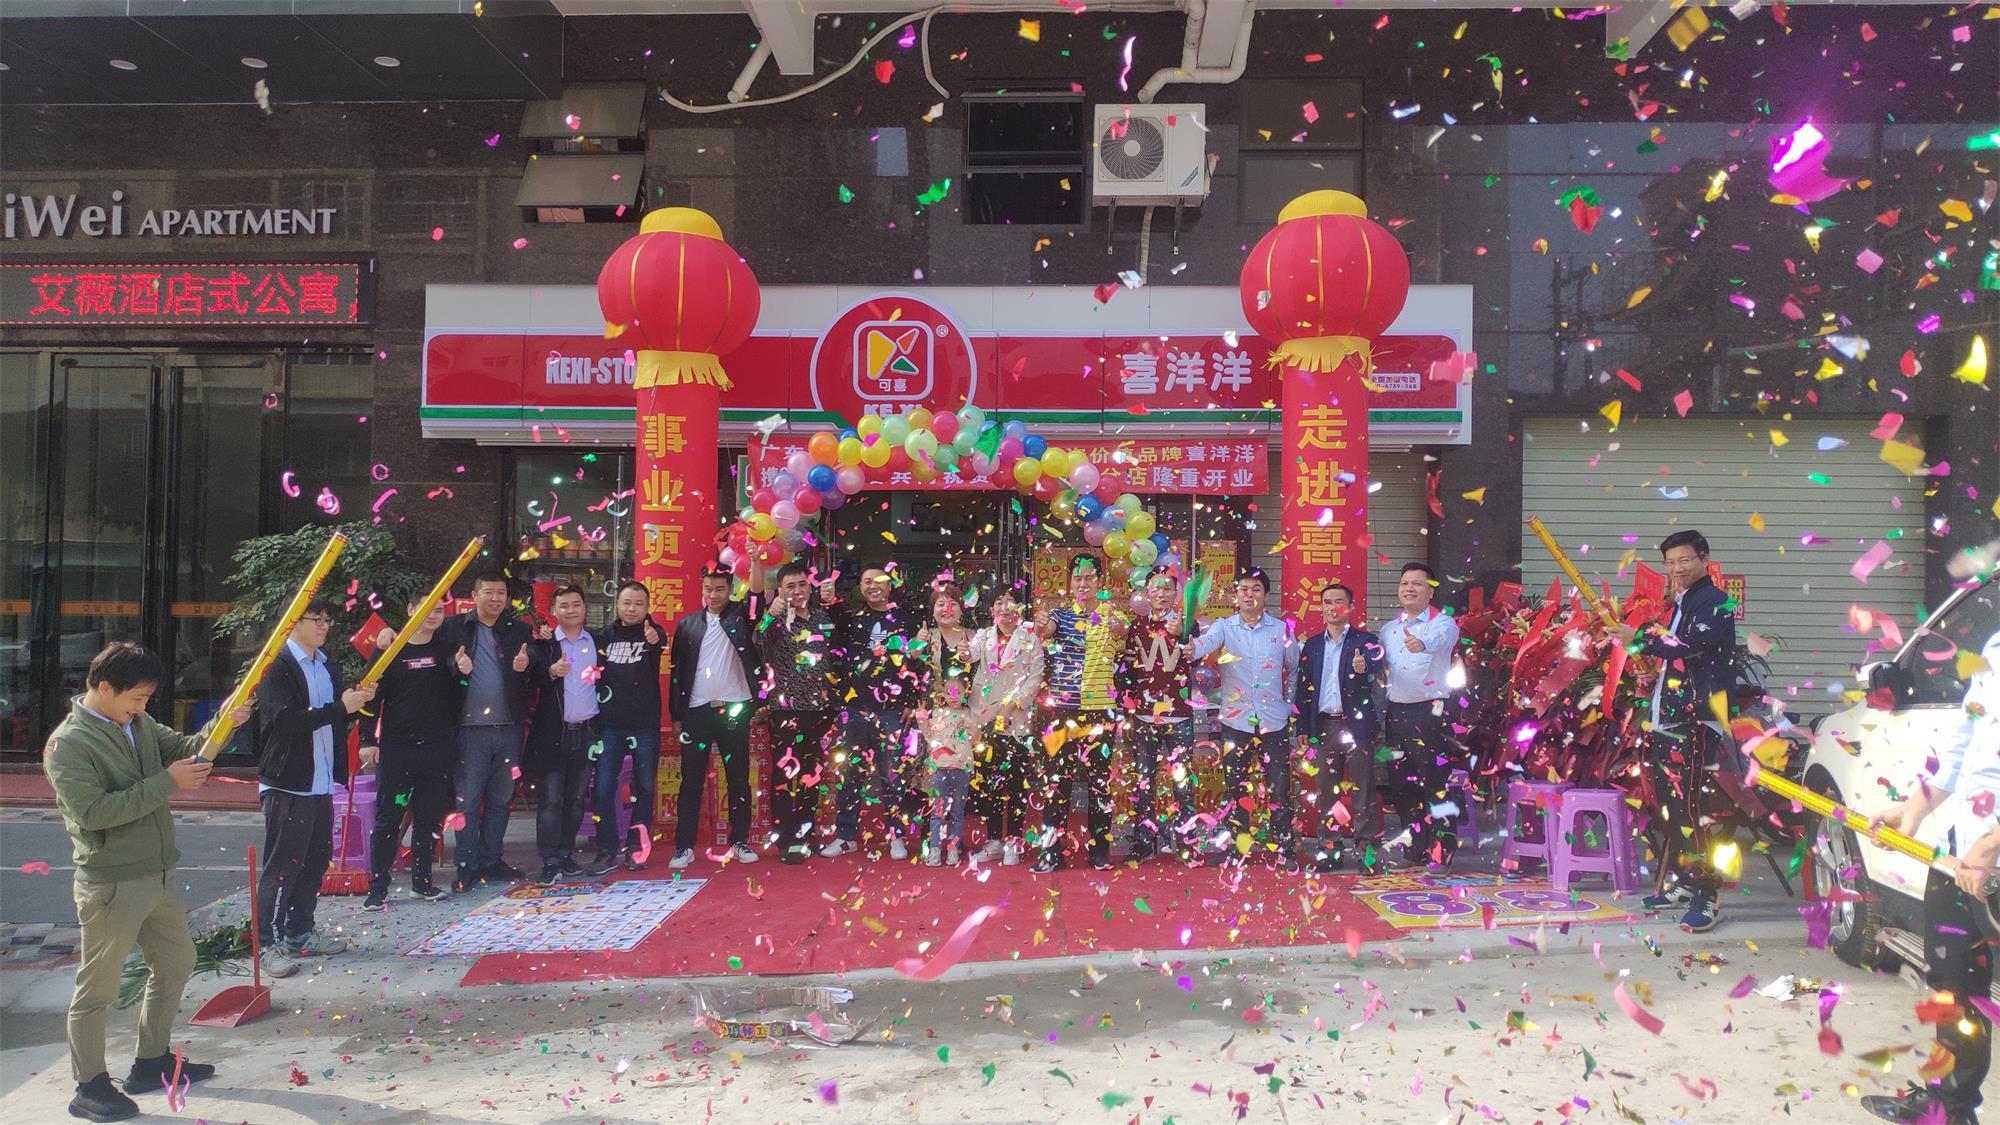 热烈祝贺喜洋洋12月12日又迎来新店开业:长安茂源分店